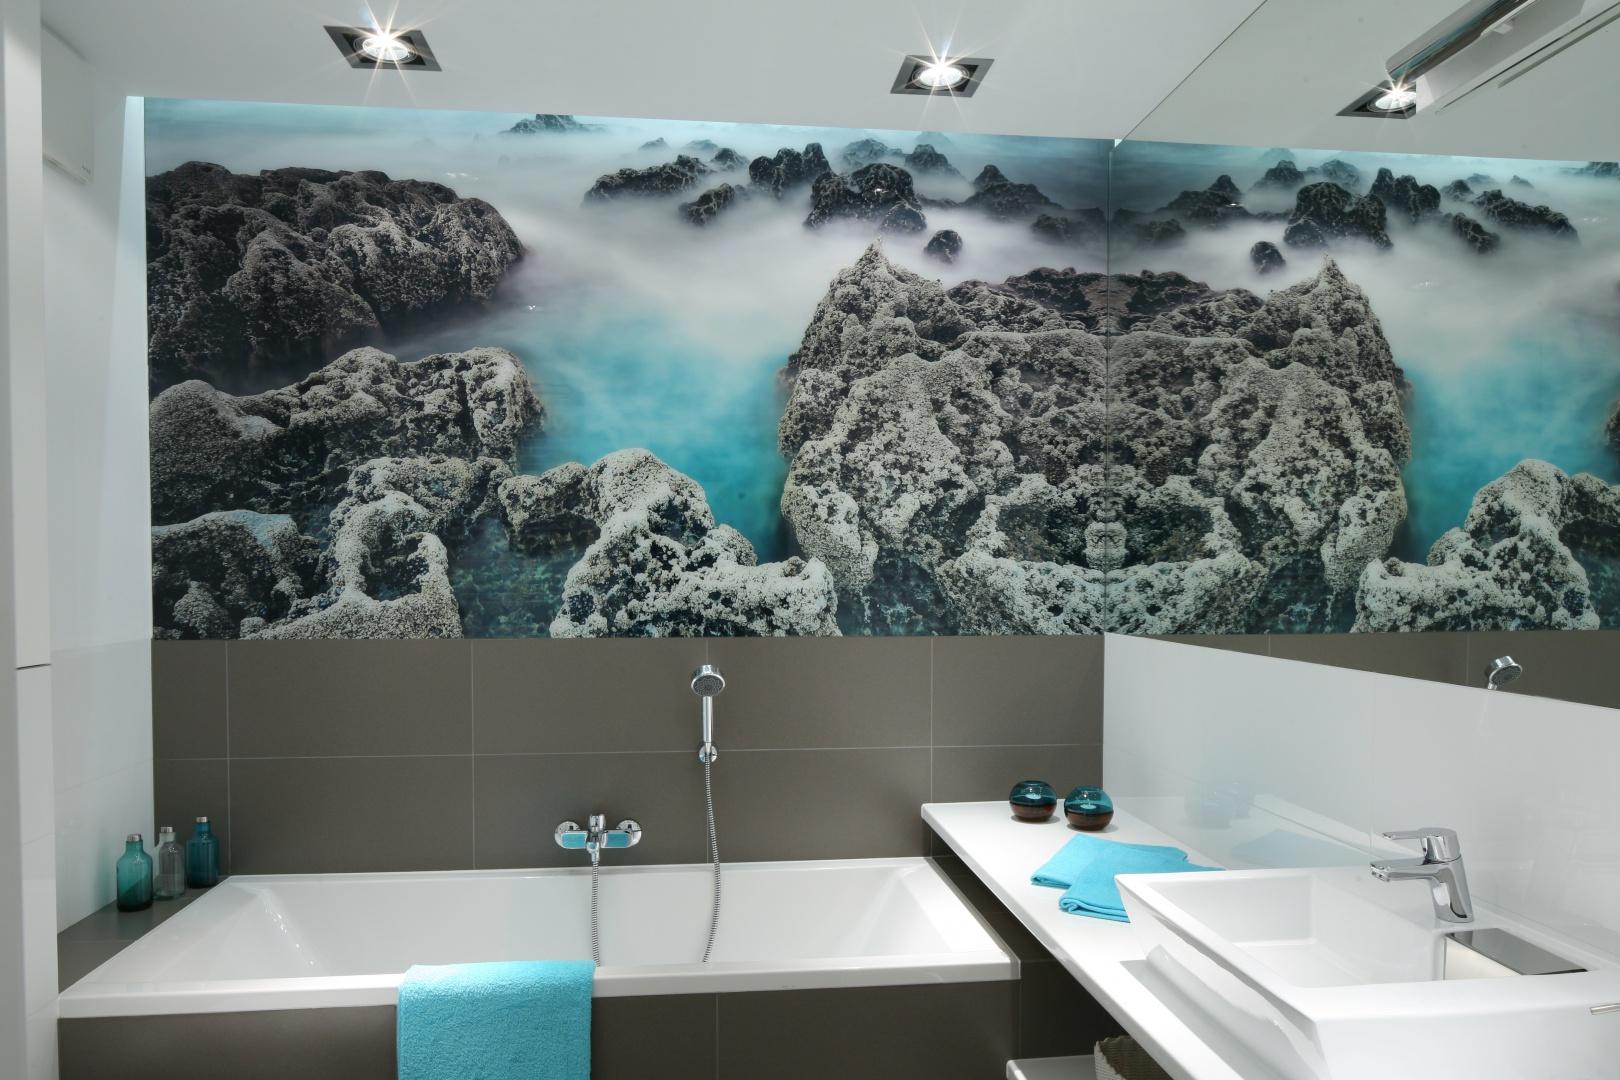 Główną ozdobę łazienki stanowi fototapeta ze zdjęciem z głębin oceanu. To do niej dobrano płytki ceramiczne w stonowanych kolorach – szarym oraz białym. Tylko tak subtelne barwy pozwoliły na właściwe jej wyeksponowanie. Projekt Anna Maria Sokołowska. Fot. Bartosz Jarosz.